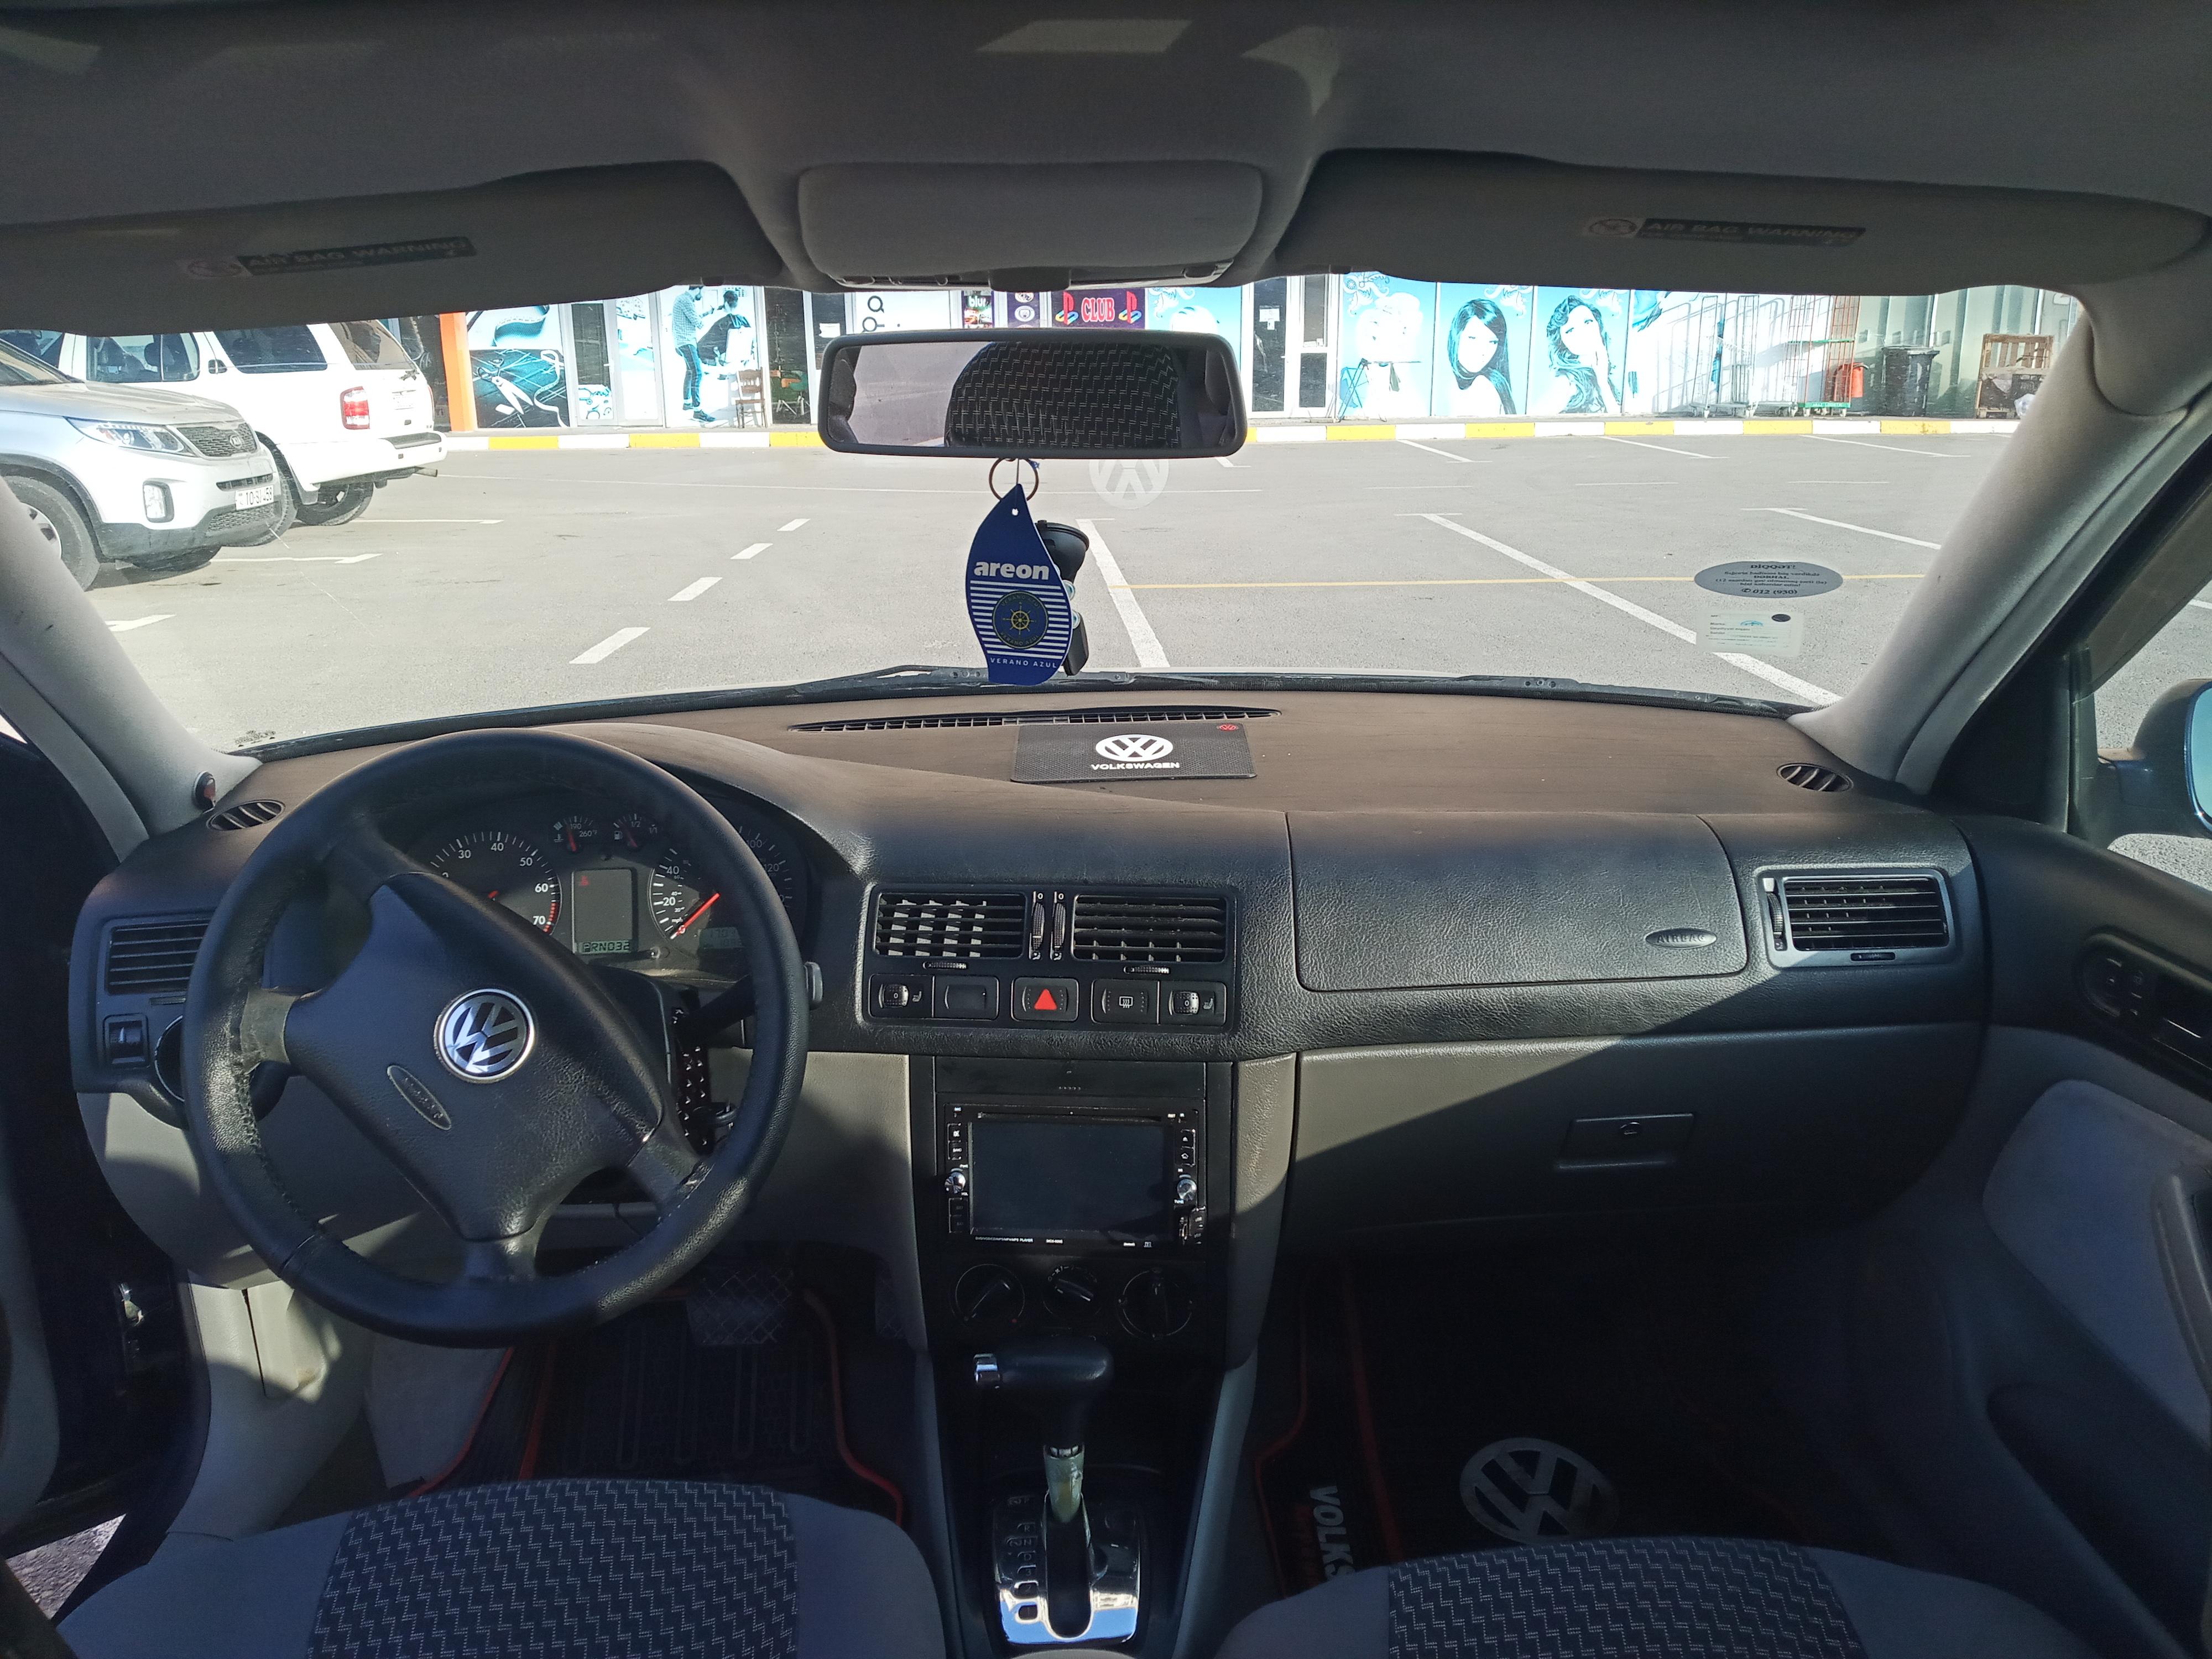 Volkswagen Jetta 2.0(lt) 2002 İkinci əl  $3800